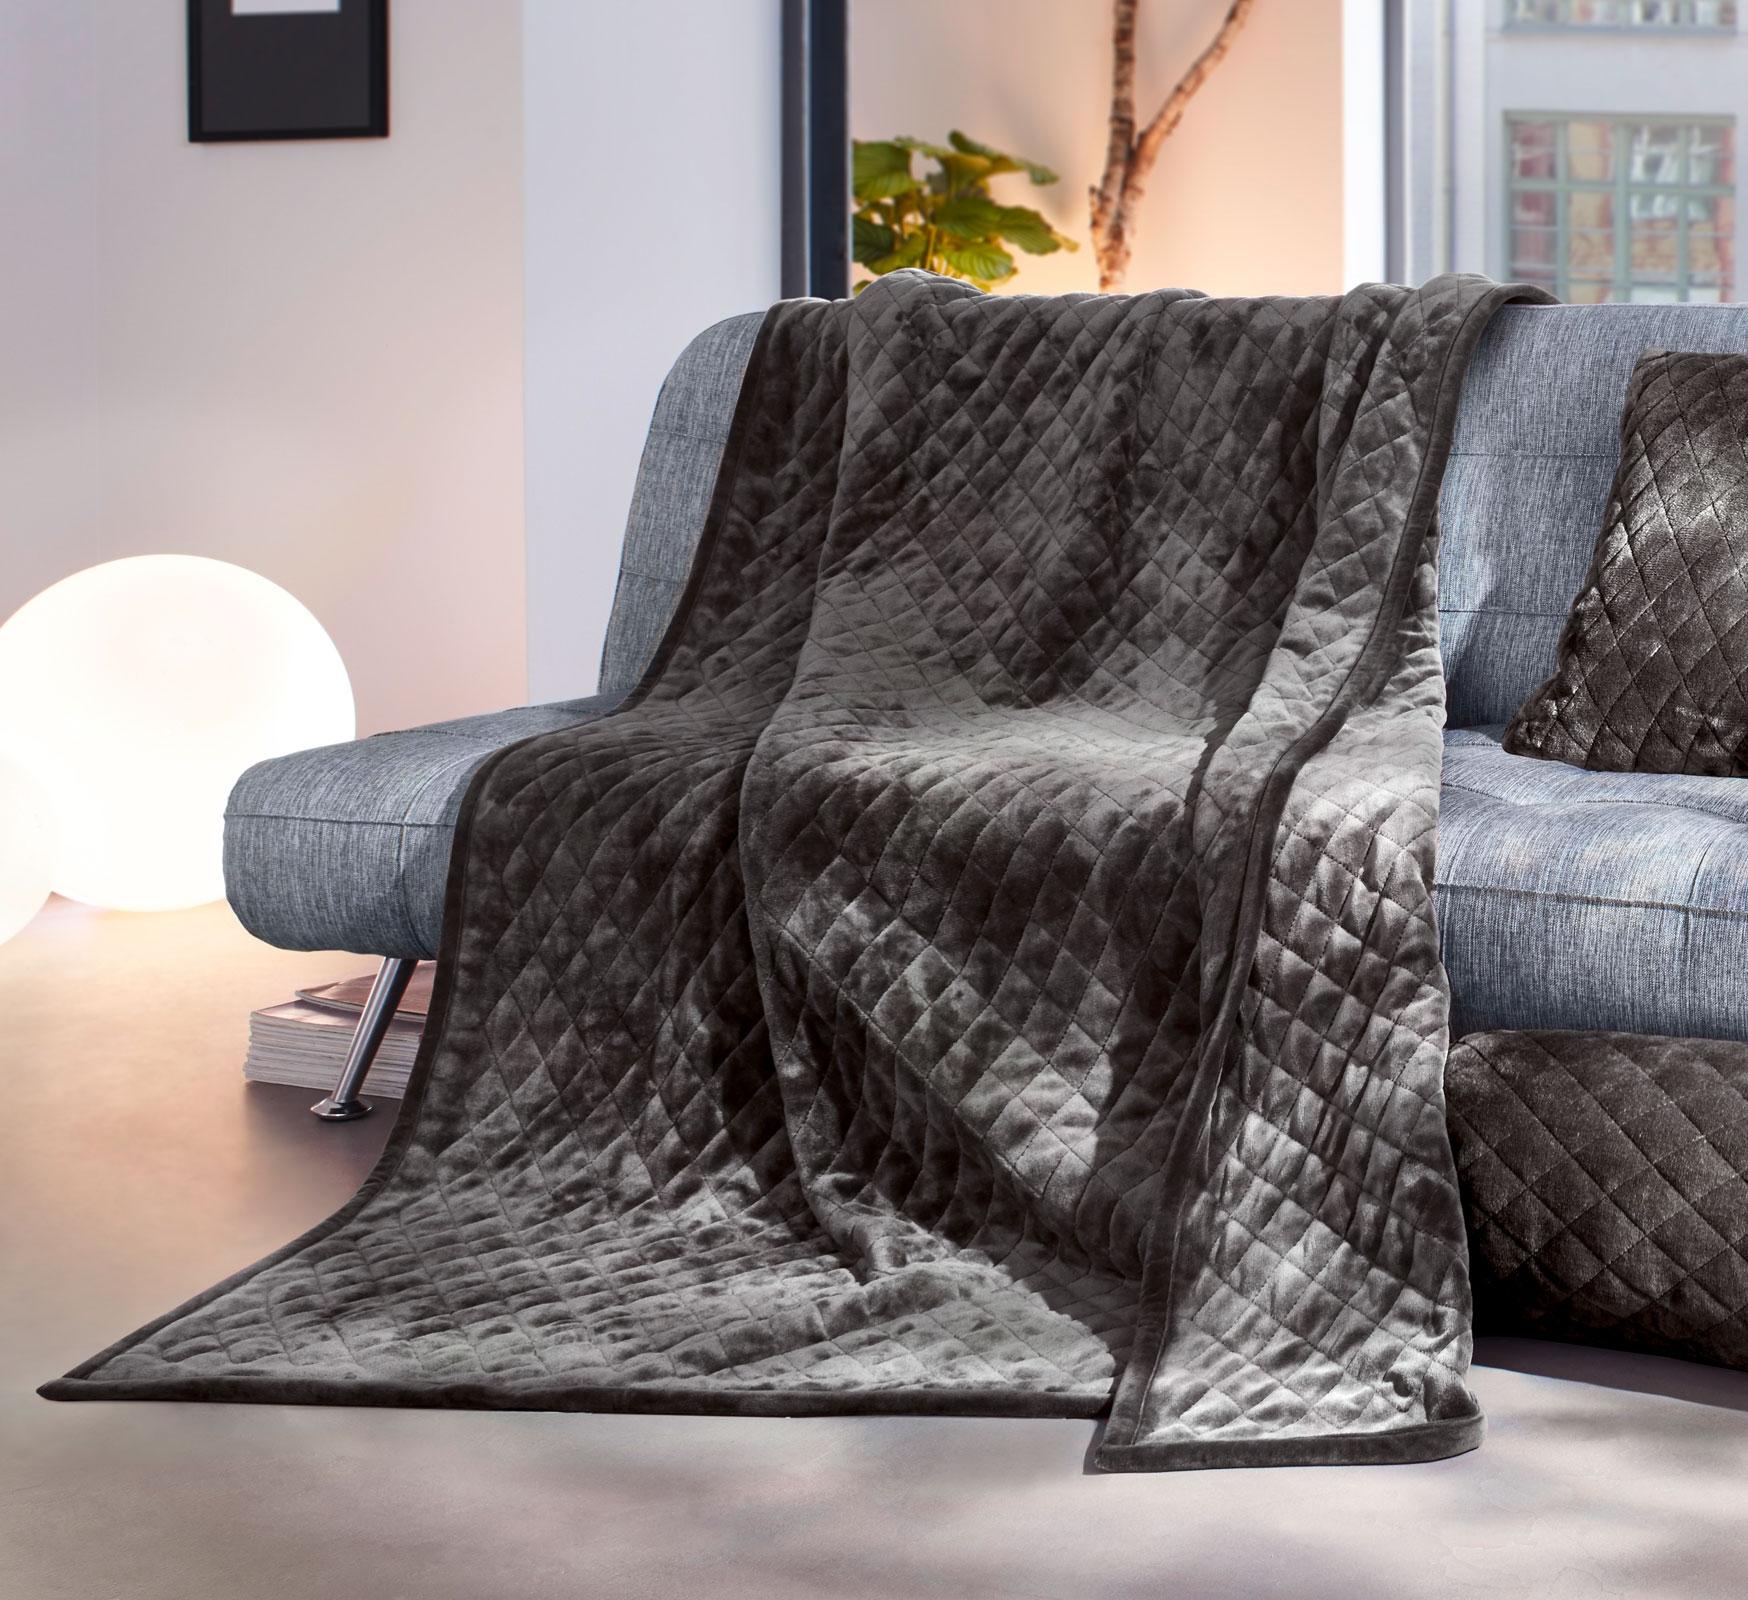 Wohndecken und Kissen - Gözze Wohndecke gesteppt 150x200 taupe Duftset  - Onlineshop PremiumShop321